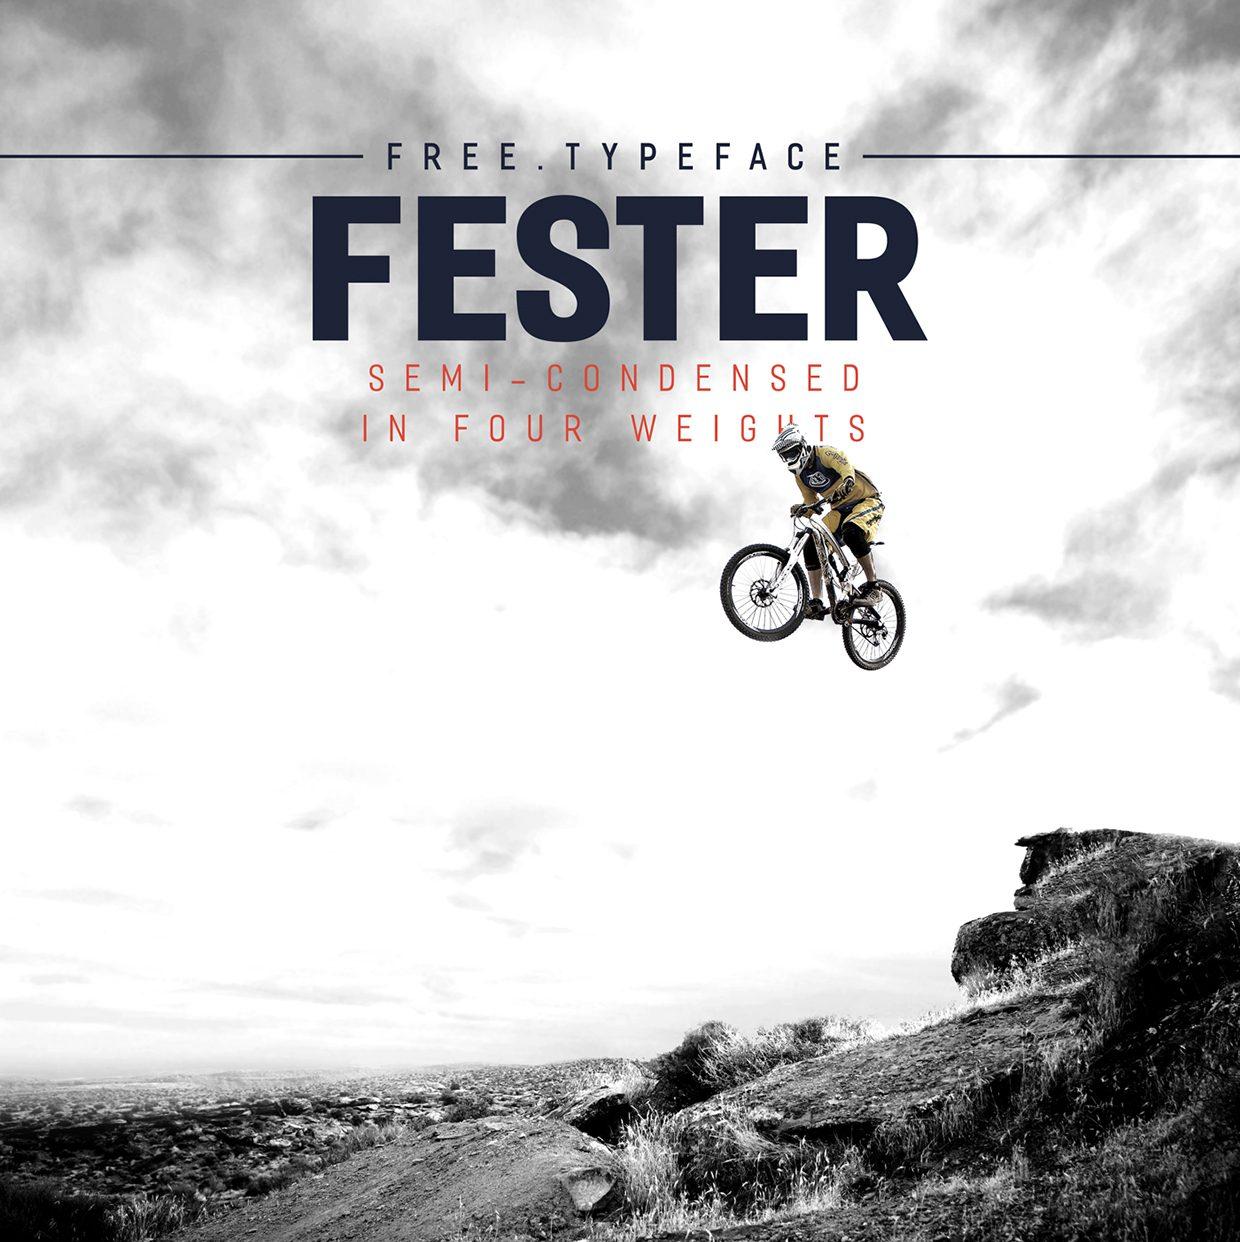 Fester-Semi-condensedHeavy font